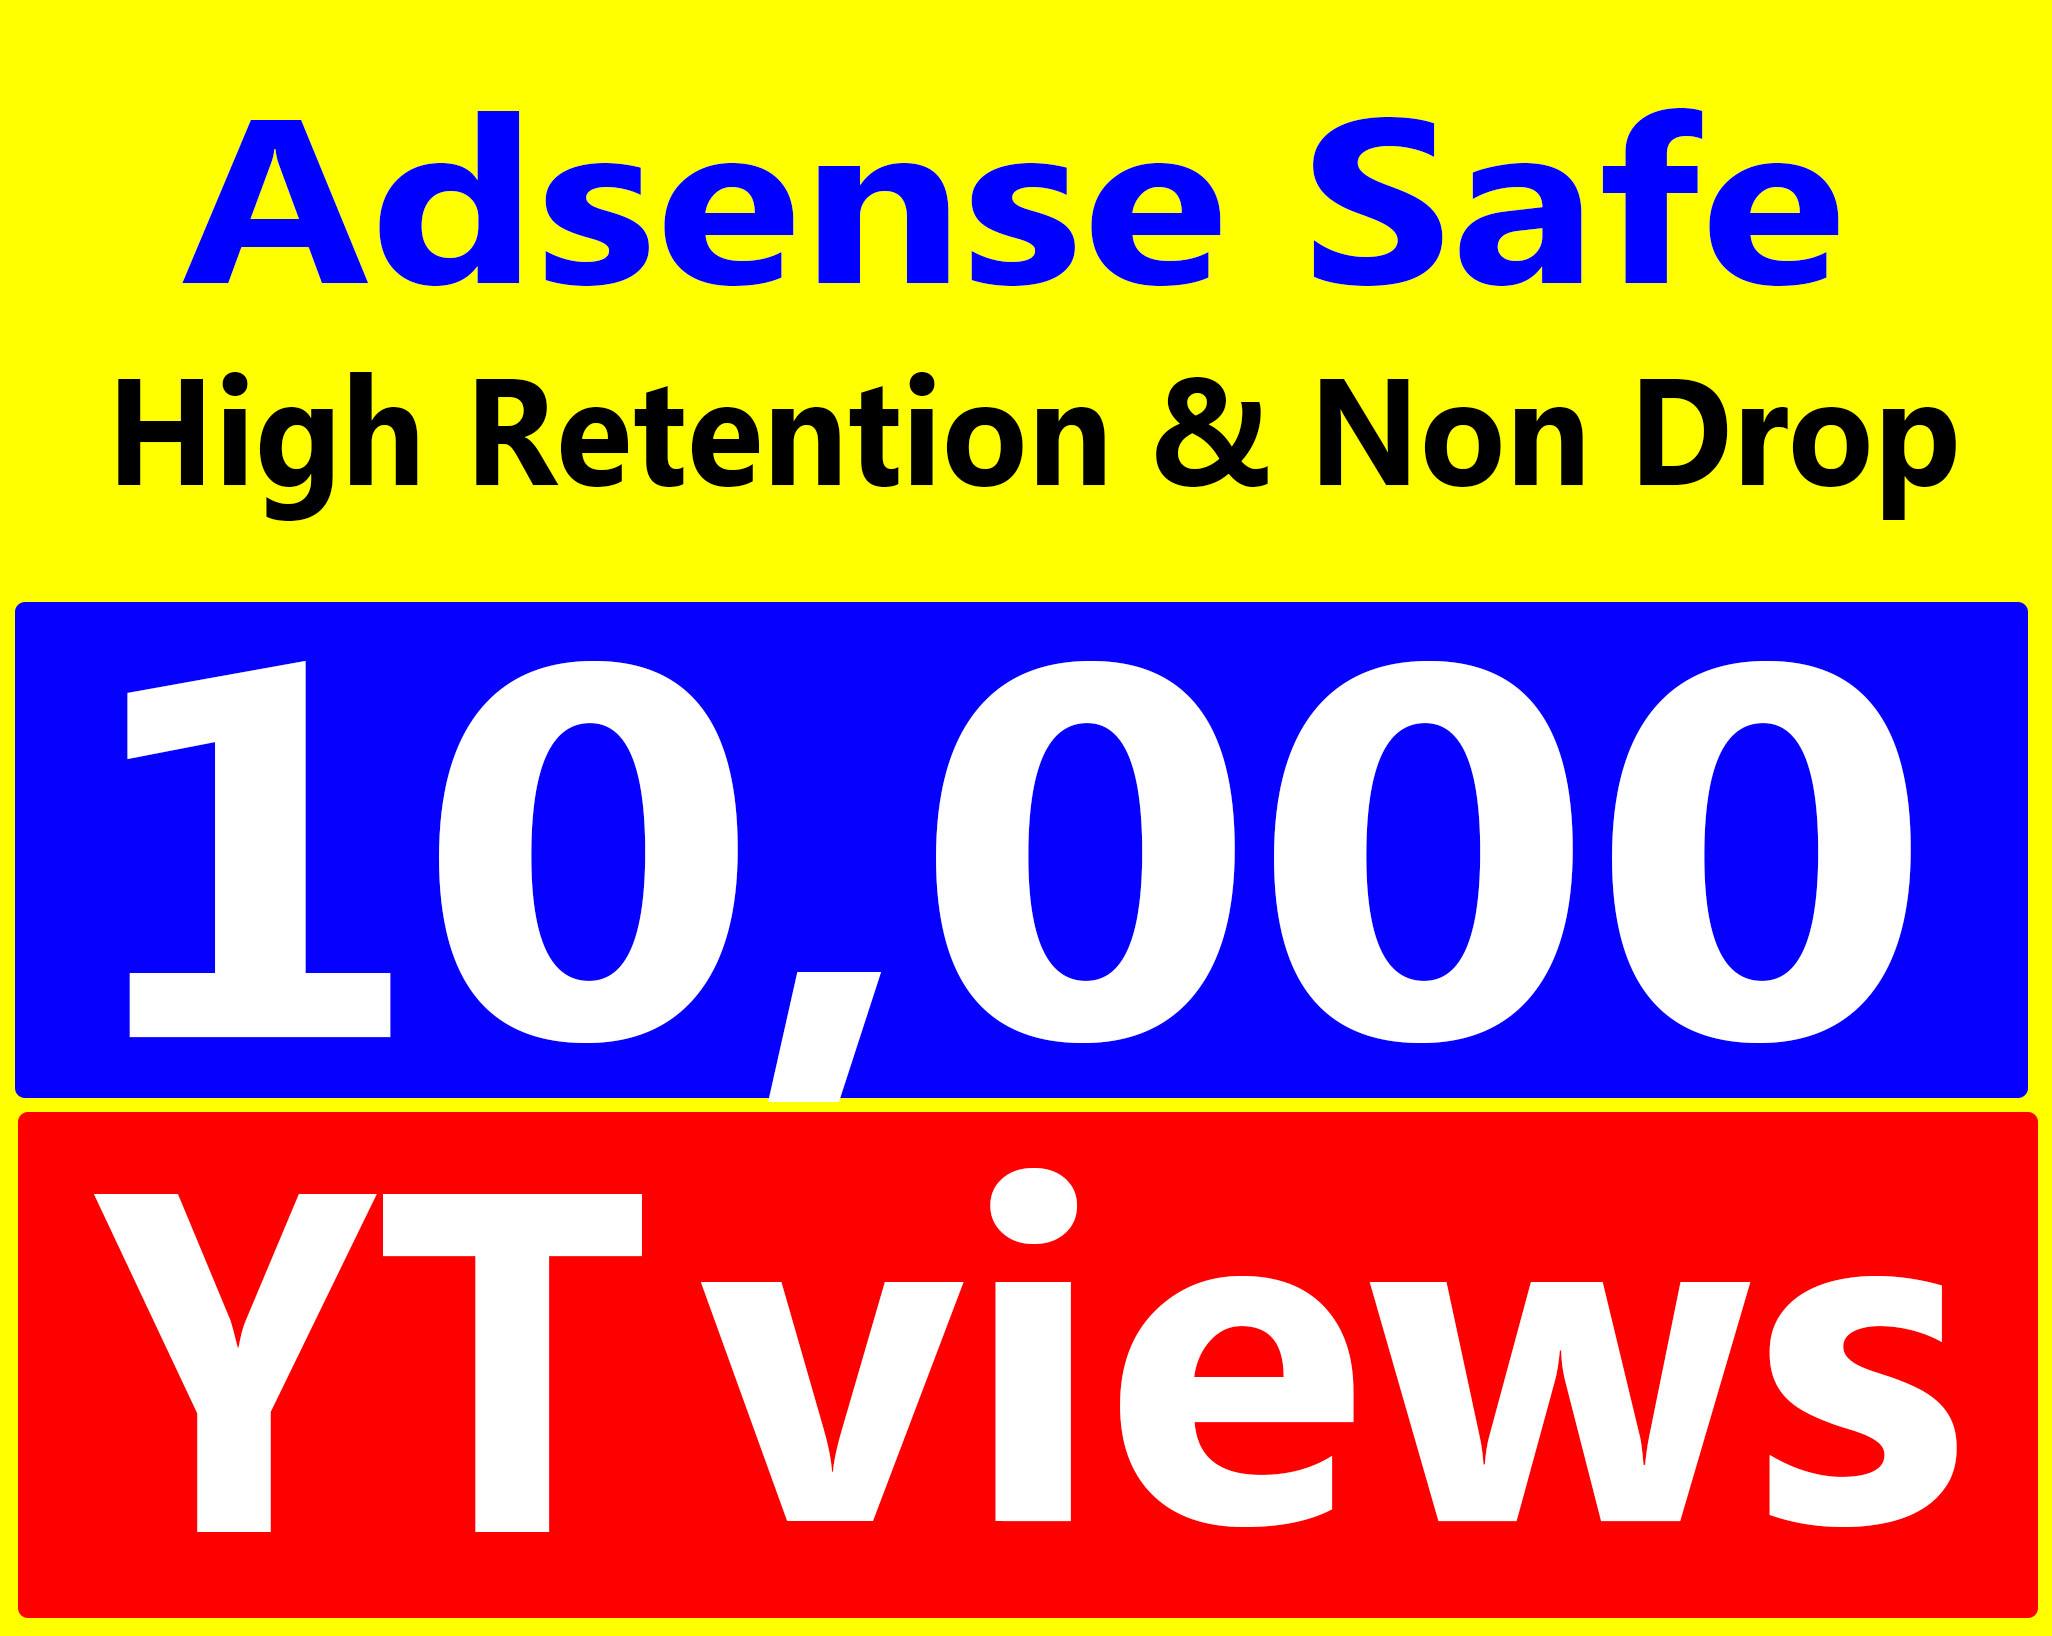 Fast 10,000+ Vi-ews High Retentions 90-99% Ad-sense Safe, Non Drop Service